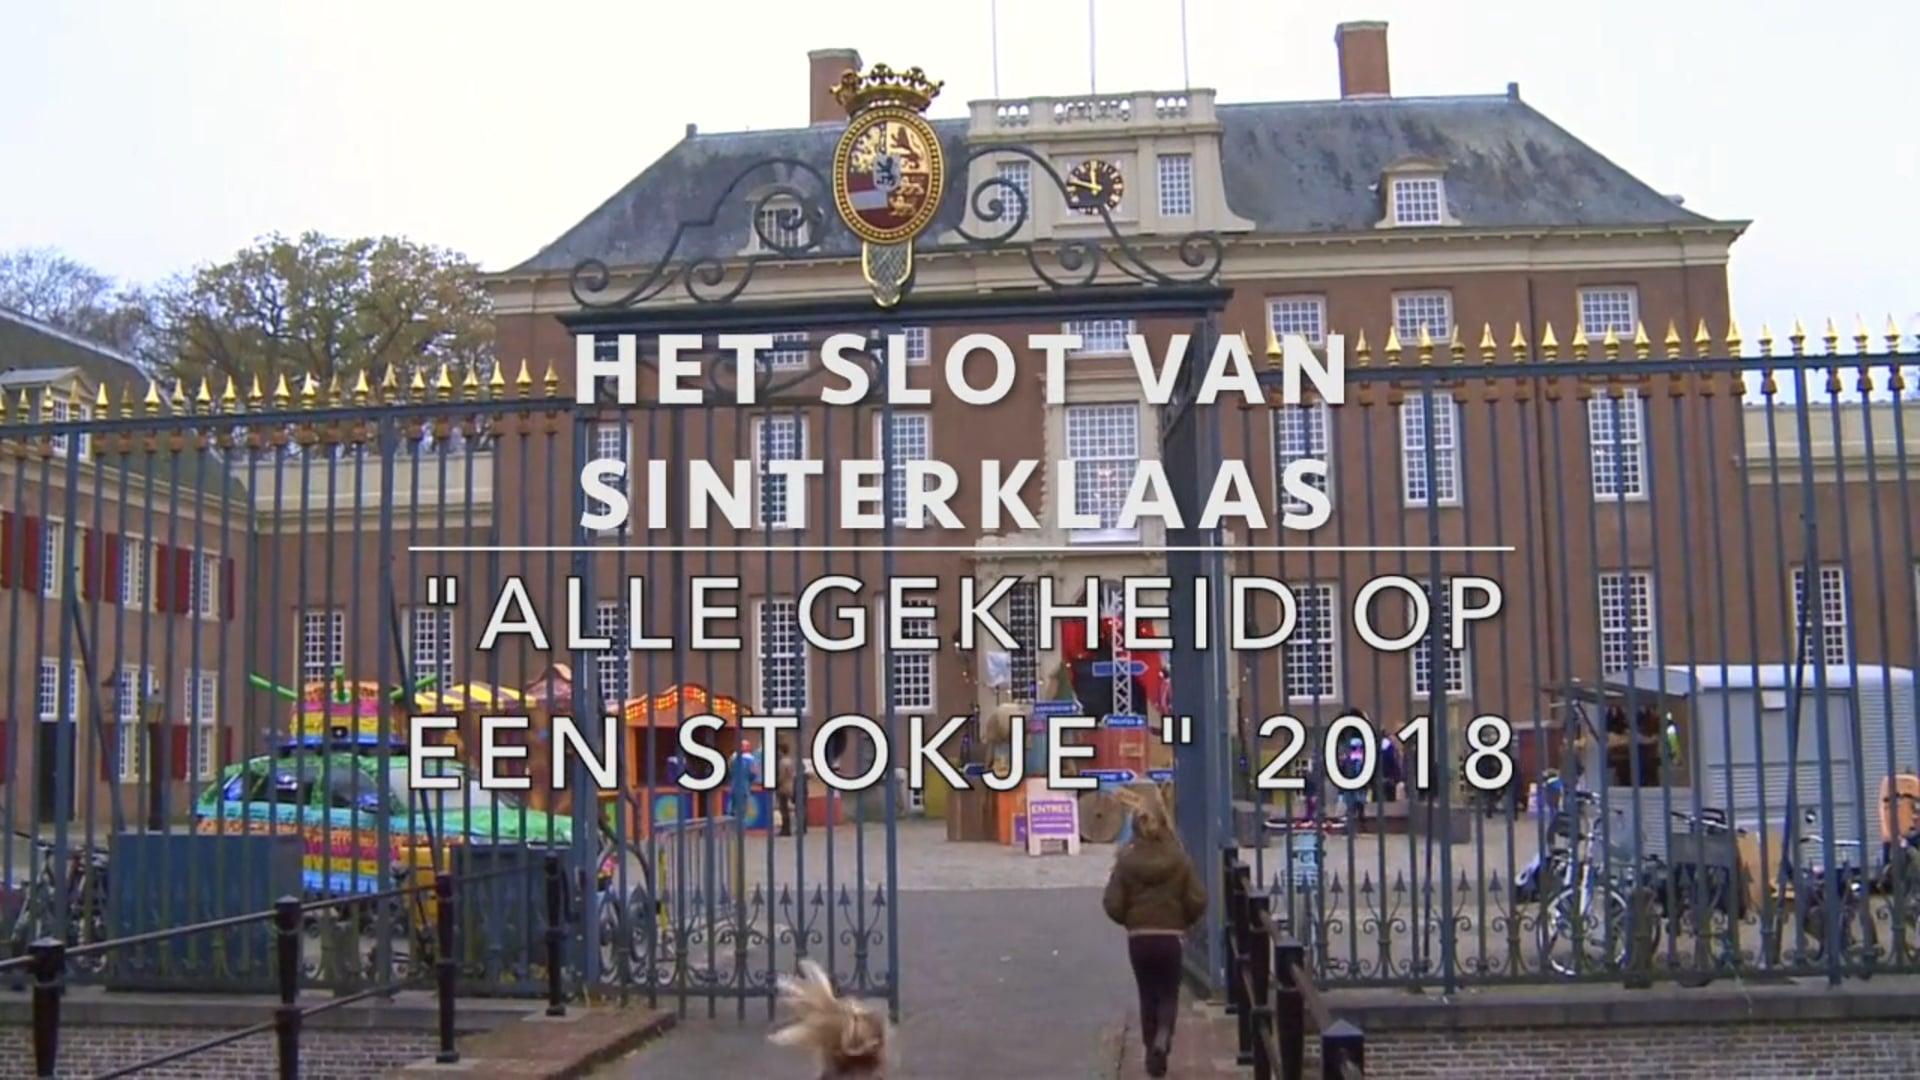 Slot van Sinterklaas jaarlijks het laatste weekend van november op Slot Zeist 2018